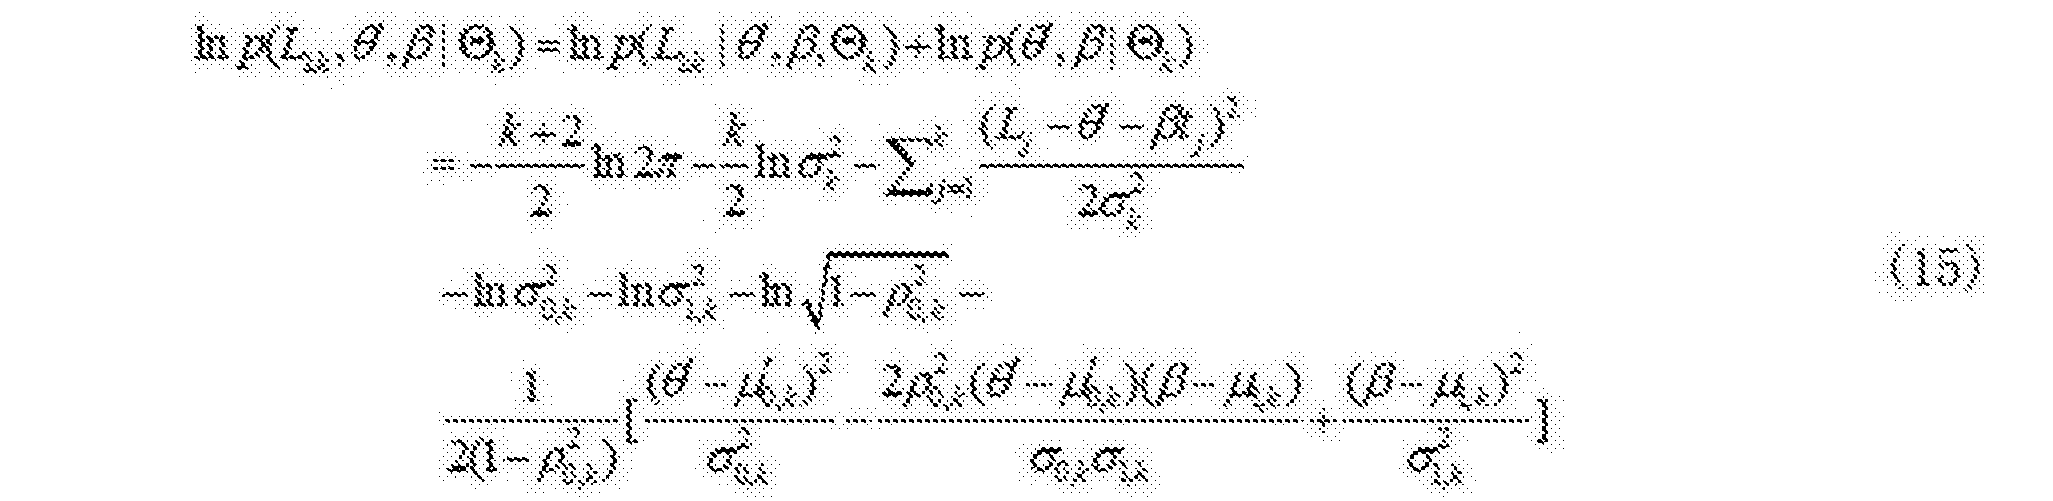 Figure CN104573881BC00054